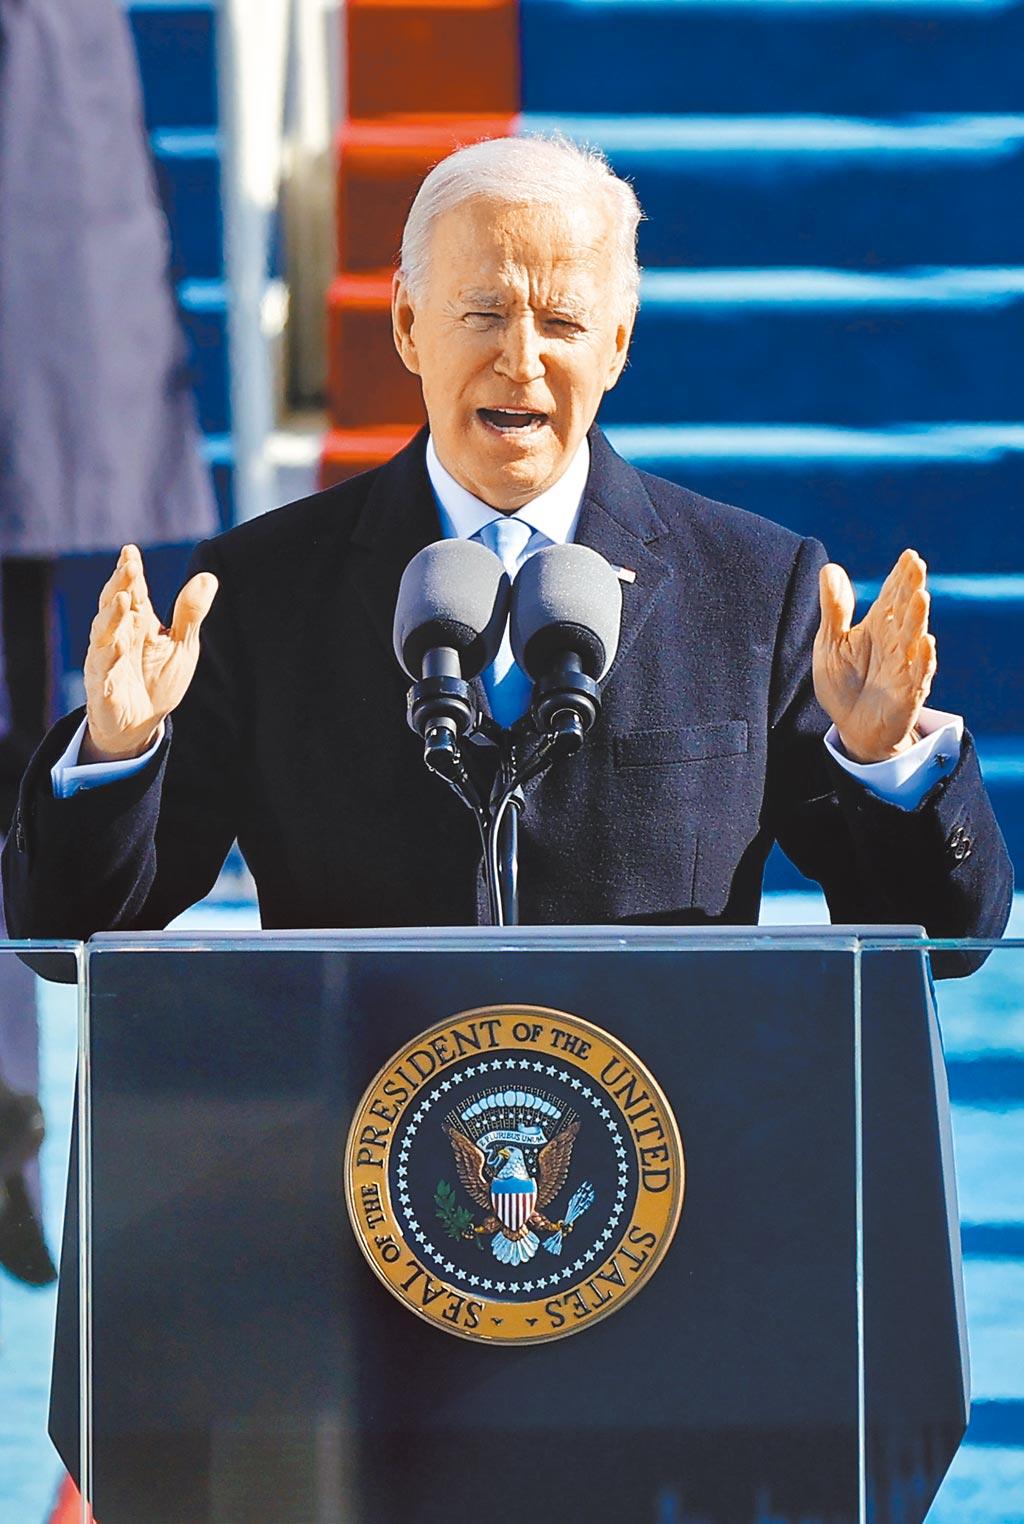 美國總統拜登20日宣誓就任後發表就職演說,他呼籲美國人團結一致,並承諾將扮演全民總統。(路透)